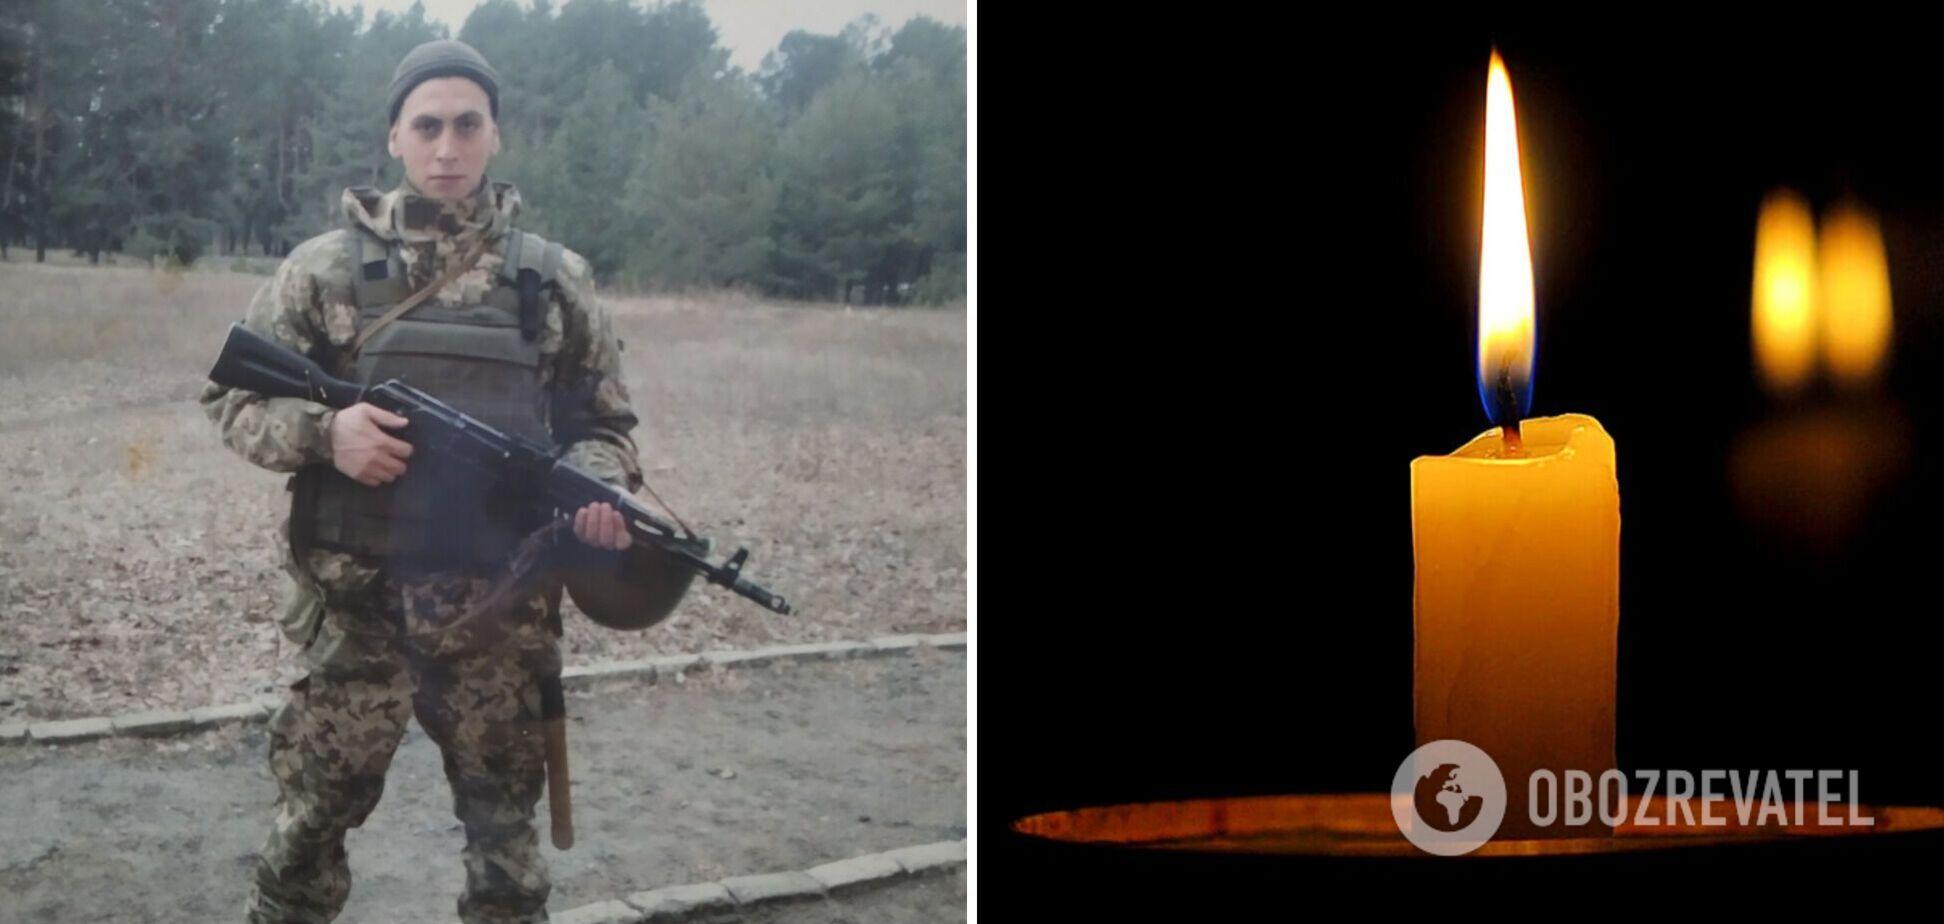 Домой не дождались жена и мать: названо имя бойца ВСУ, погибшего на Донбассе